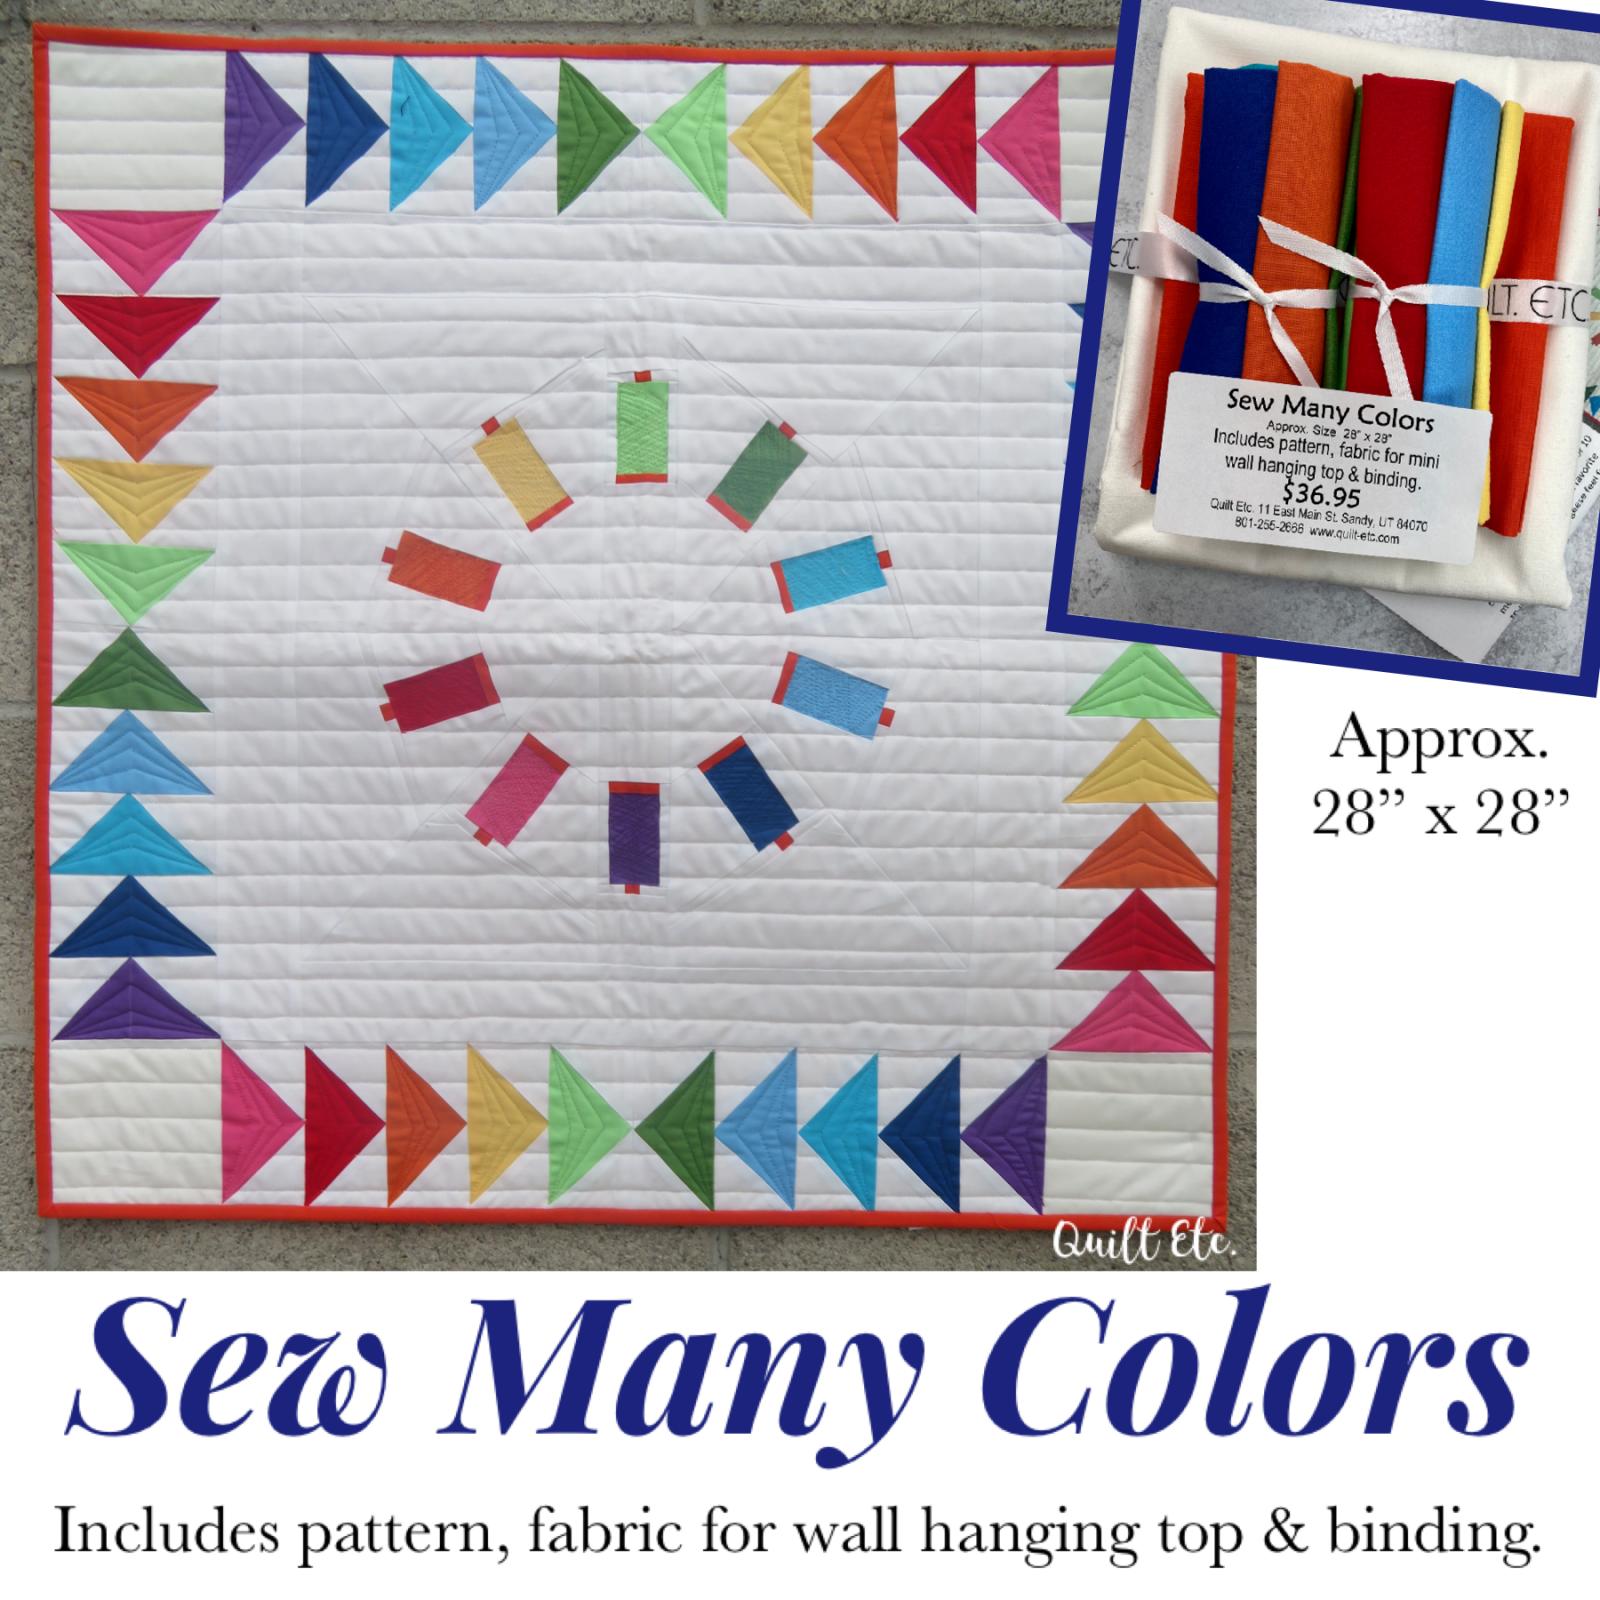 Sew Many Colors